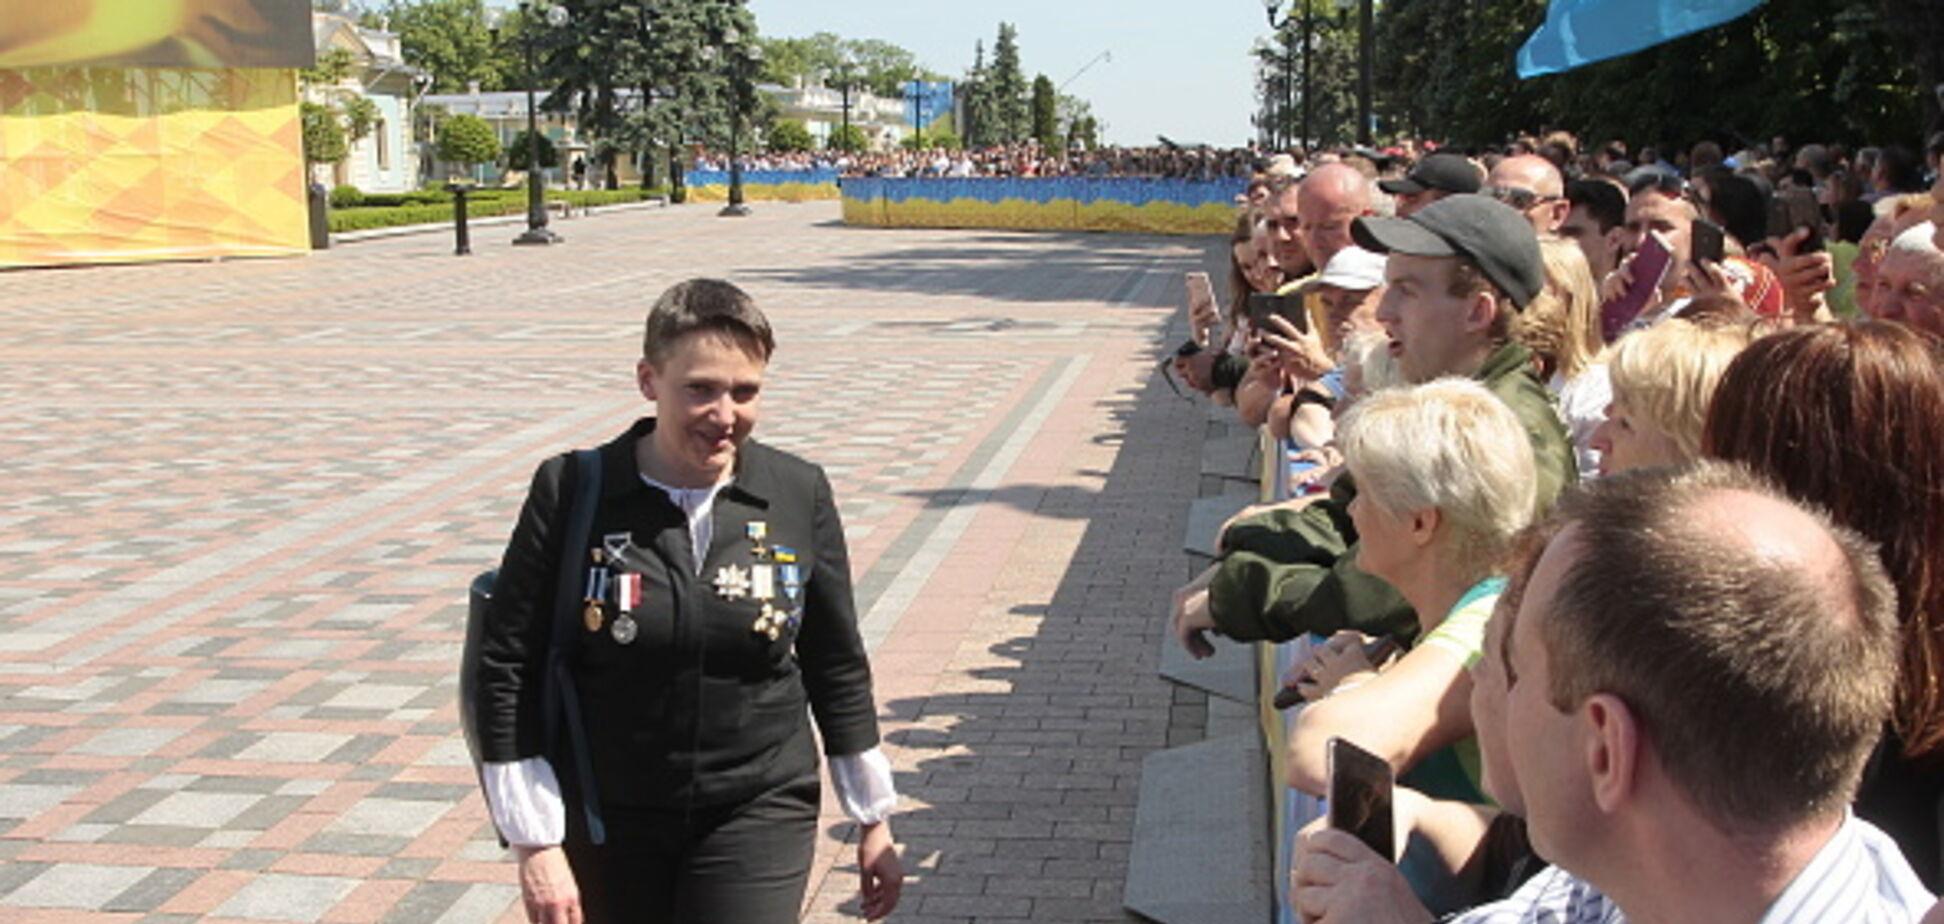 З орденами на грудях: з'явилися фото ошатної Савченко на інавгурації Зеленського